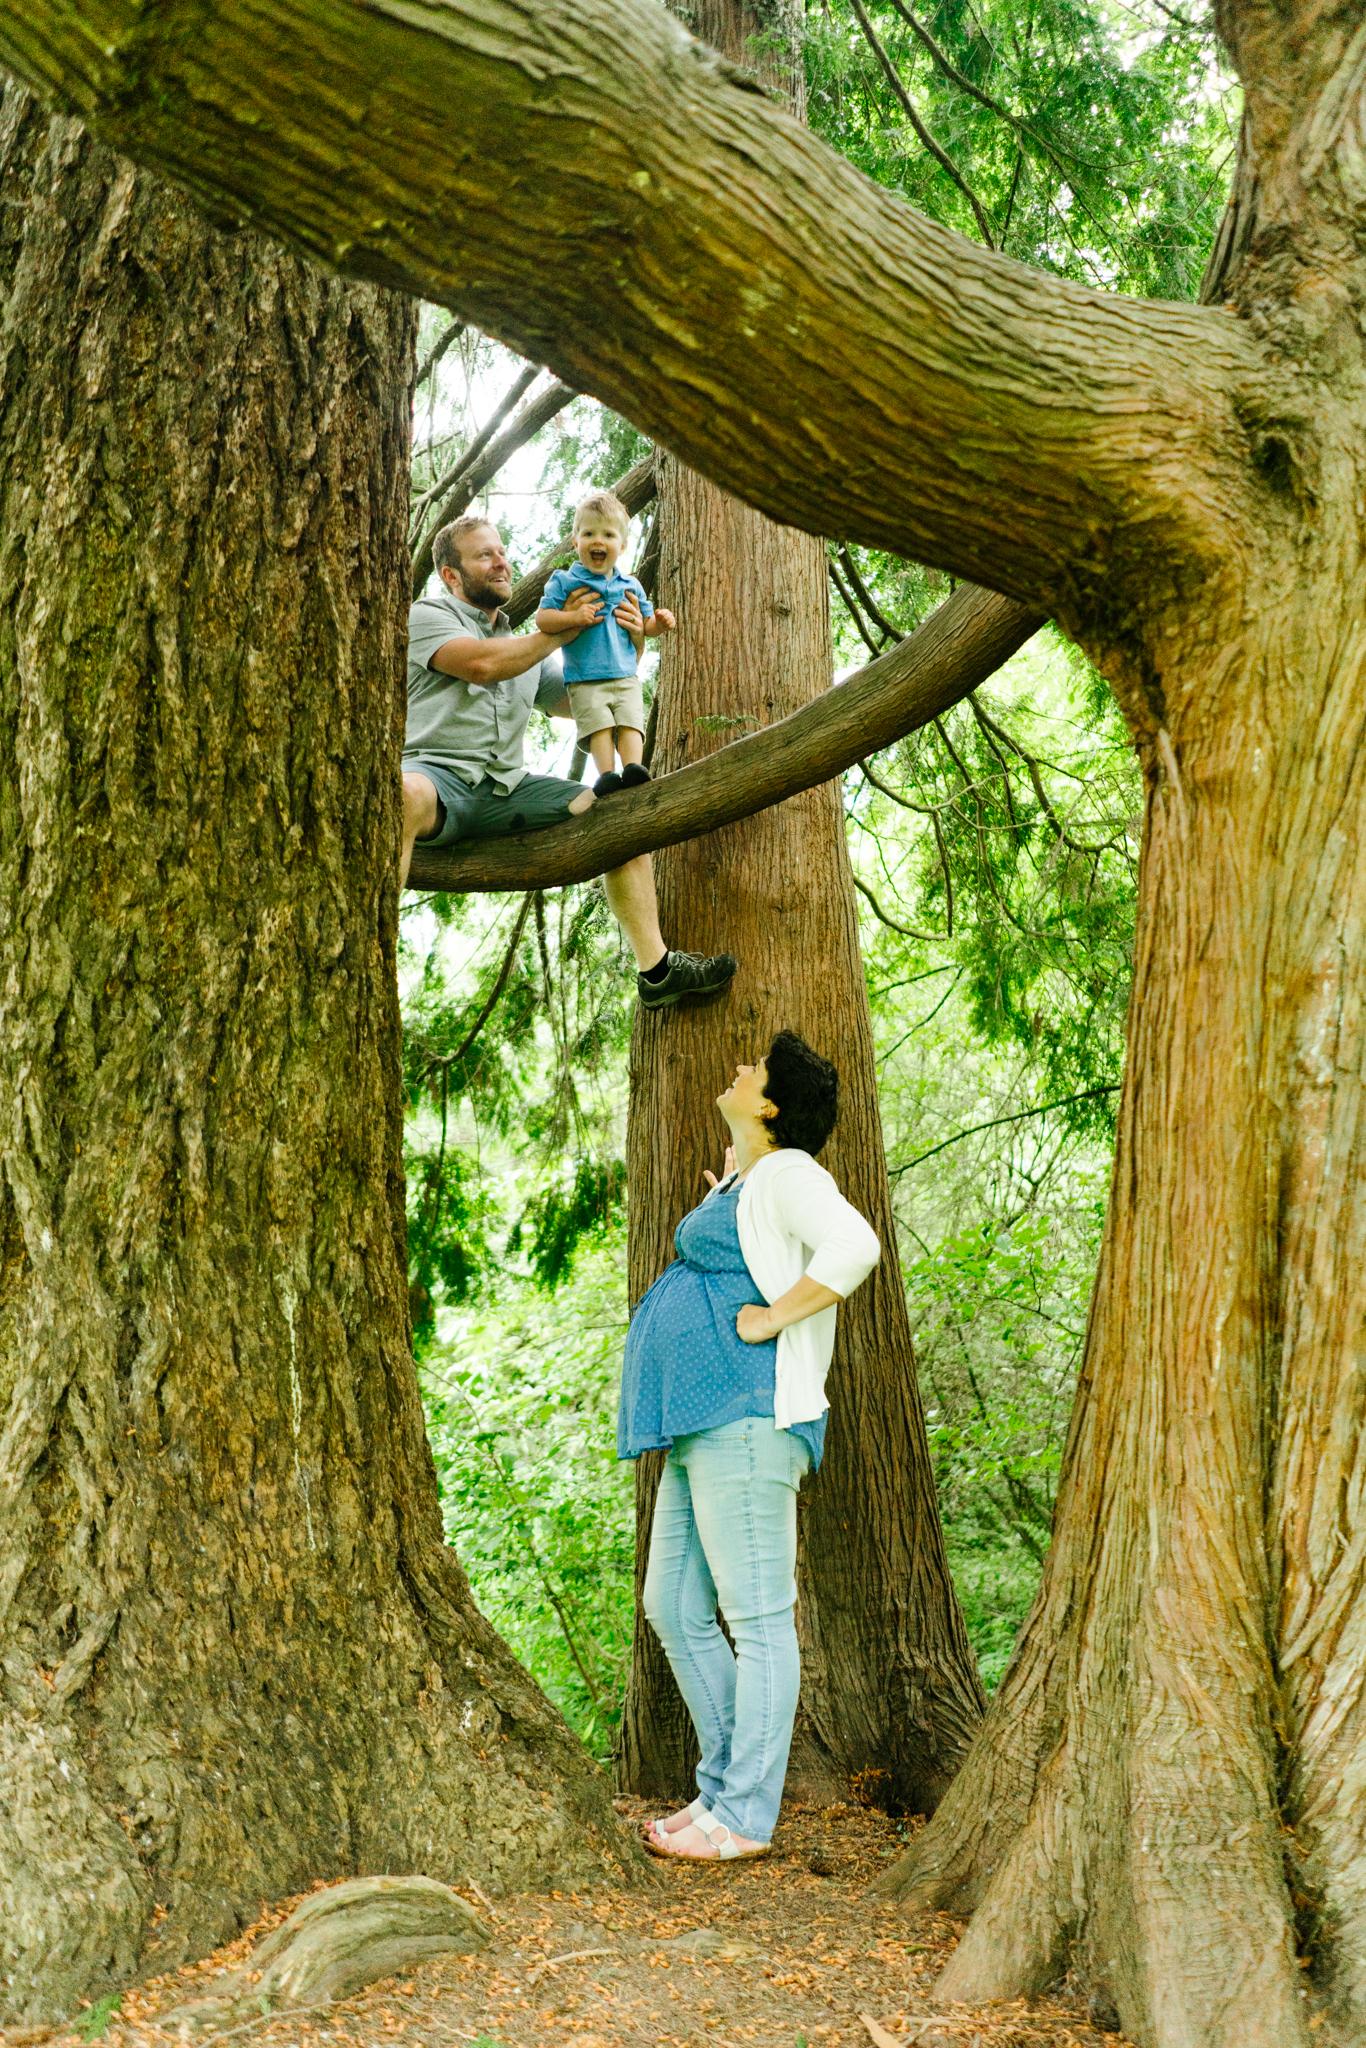 Kids Climbing Trees at Clark Lake Park in Kent, Washington